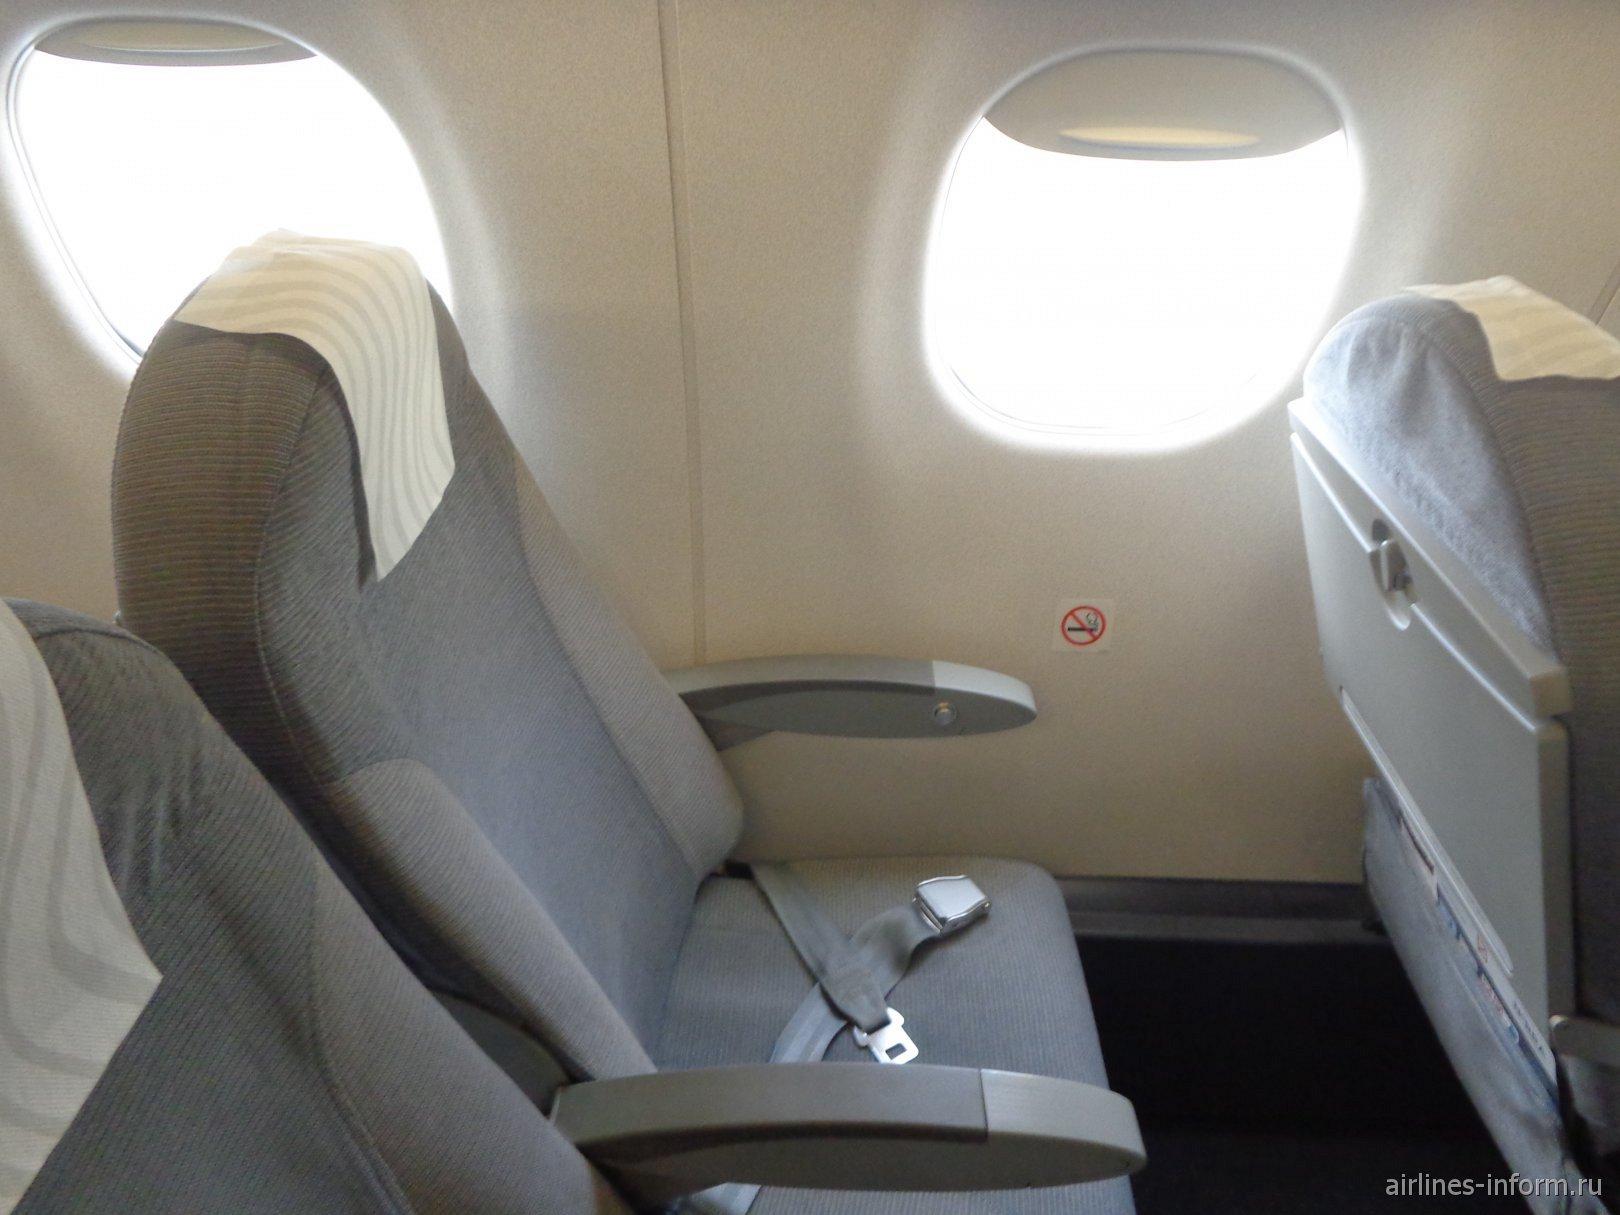 Пассажирское кресло в самолете Embraer 190 авиакомпании Finnair